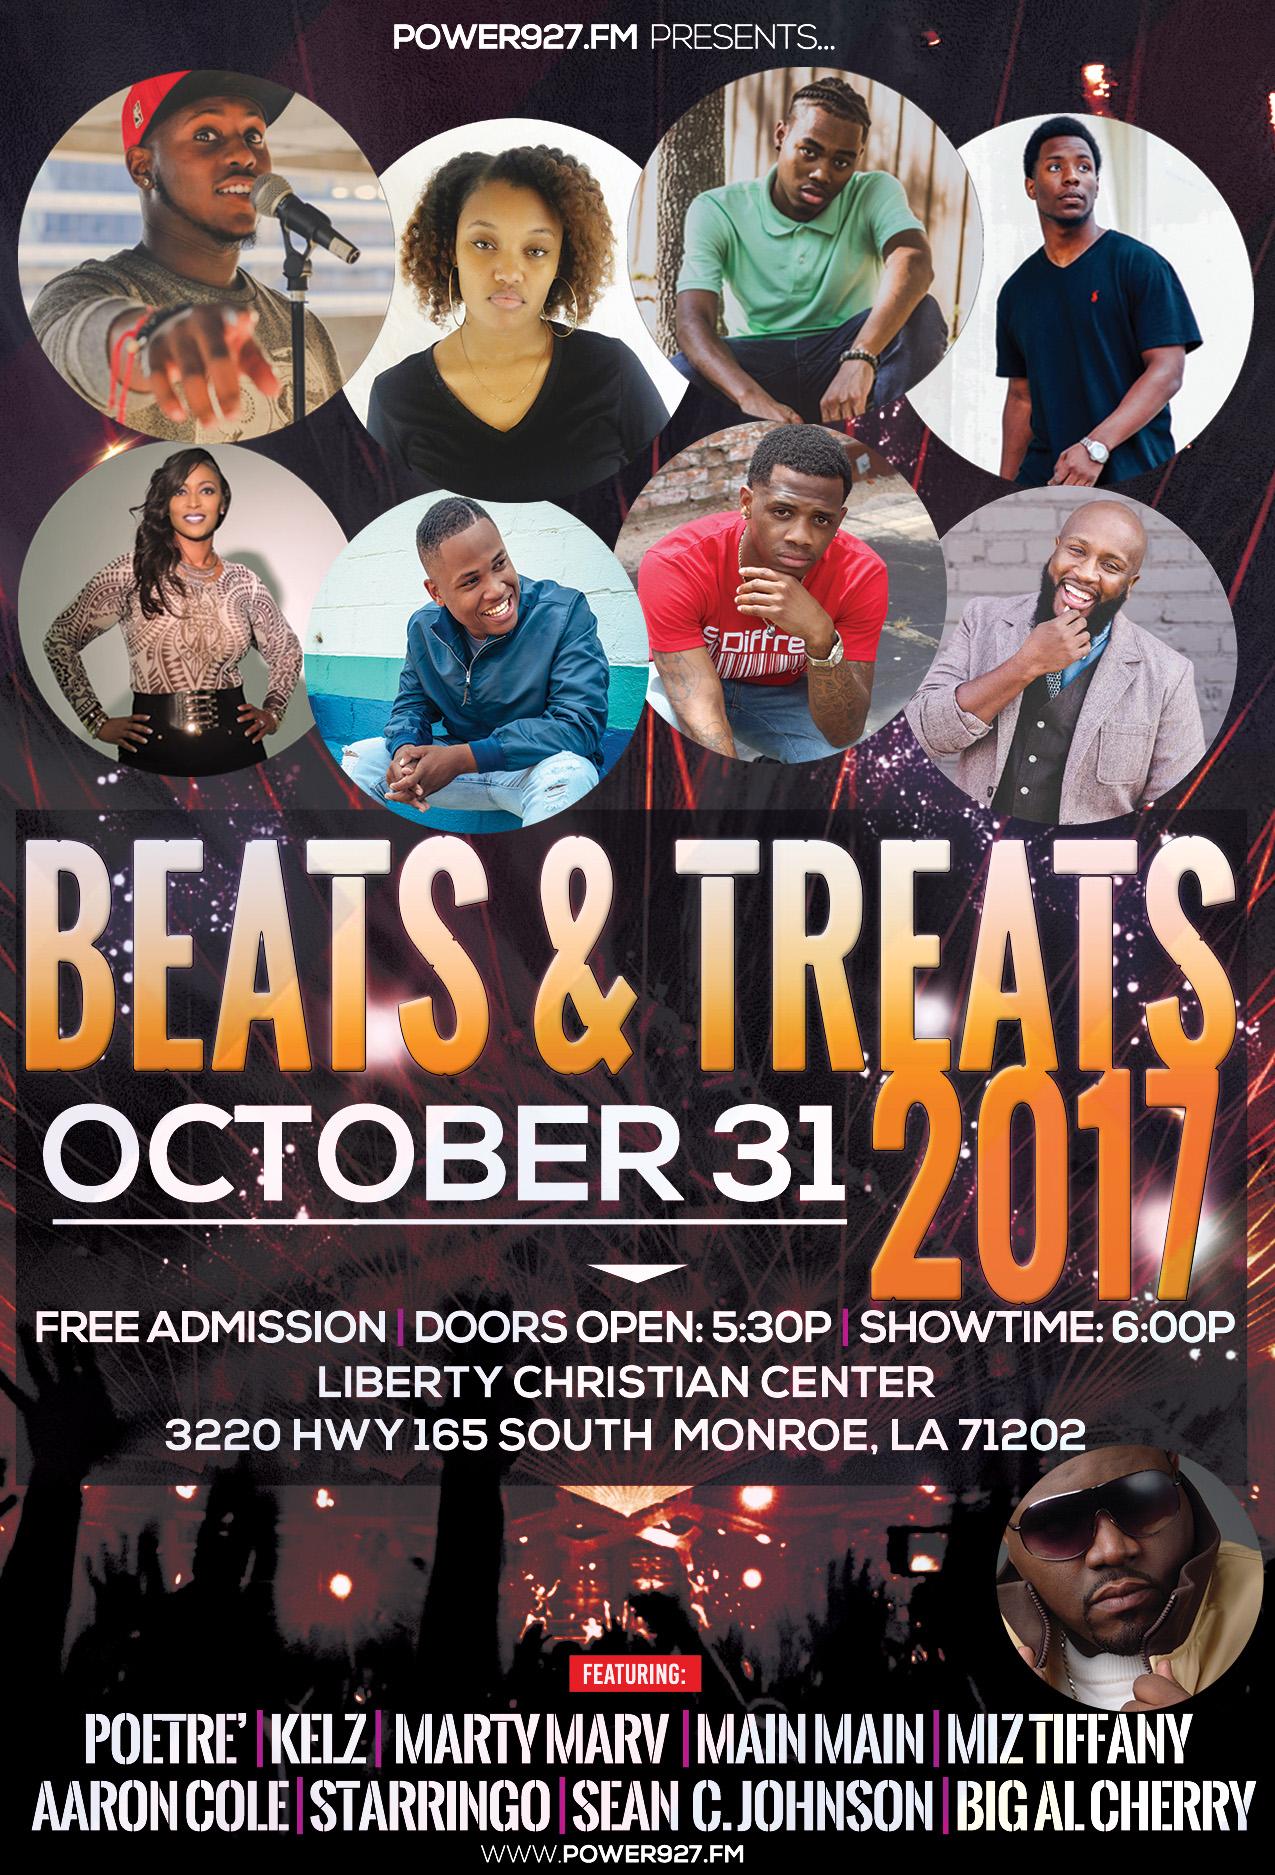 Beats & Treats 2017